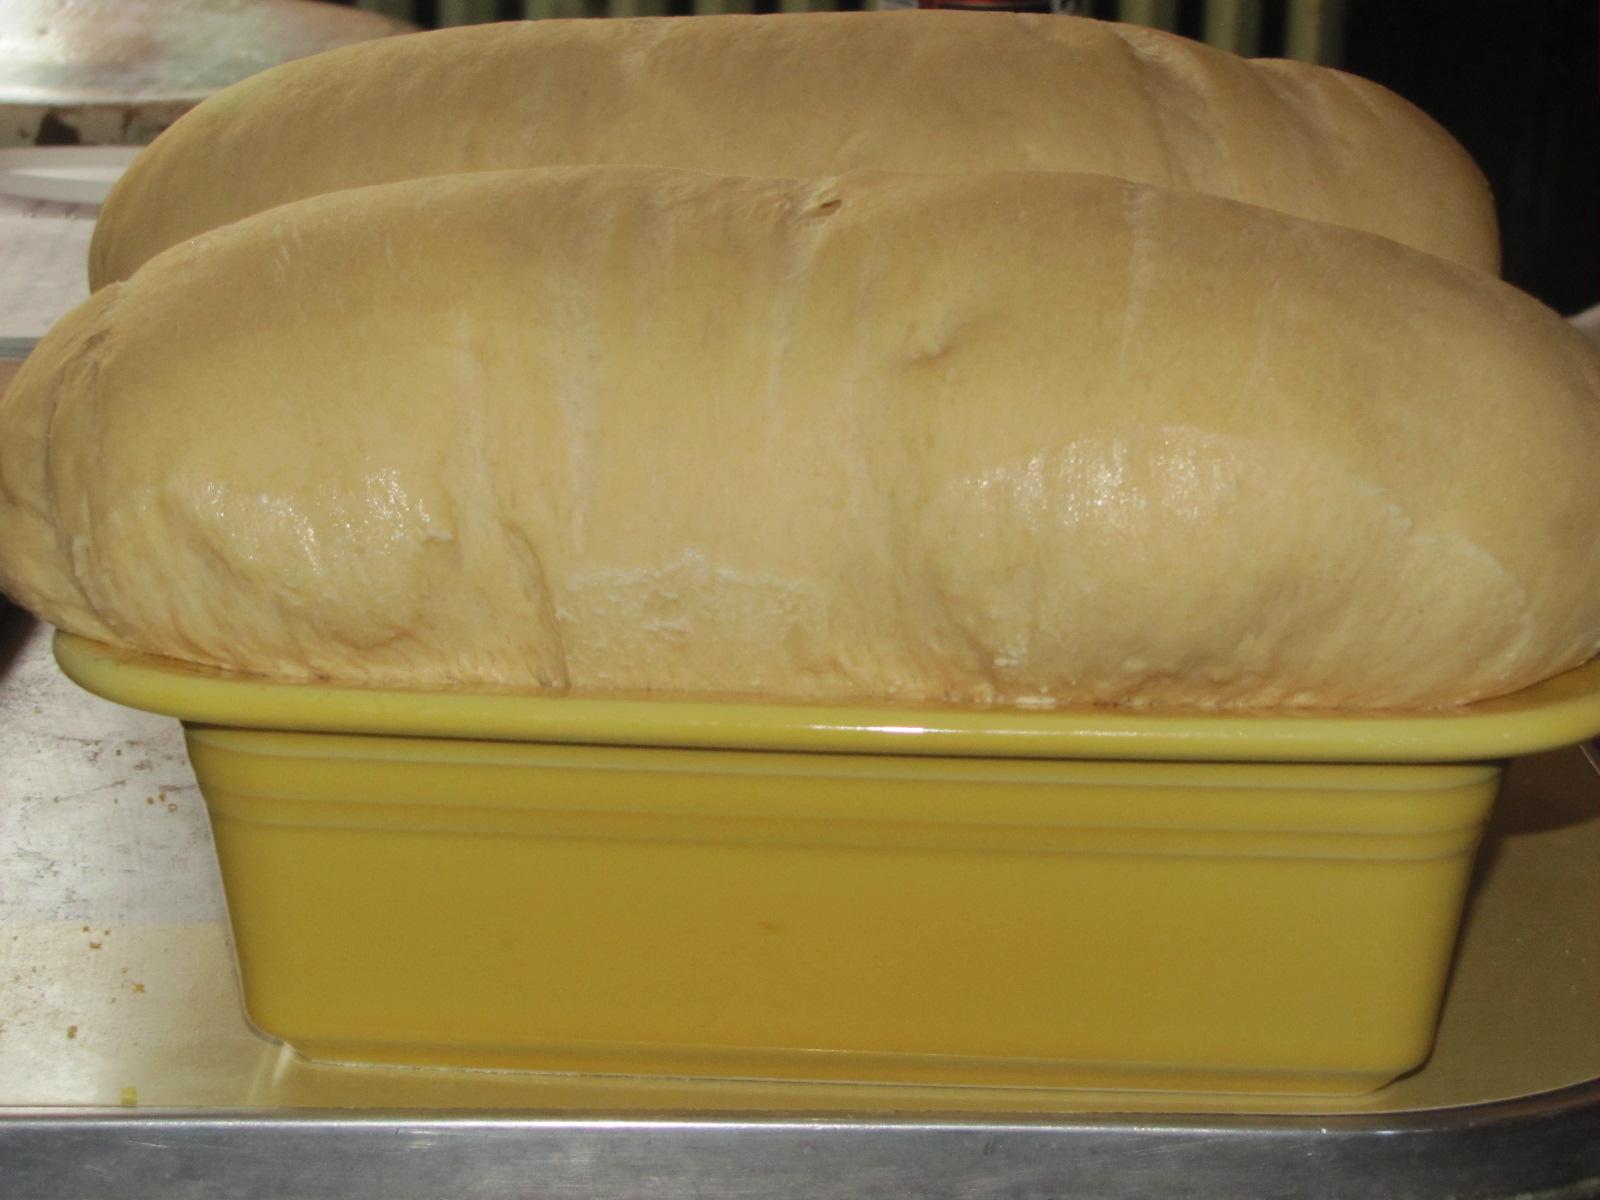 [Image: muffins-cauliflower-soup-bread-bella-129.jpg]